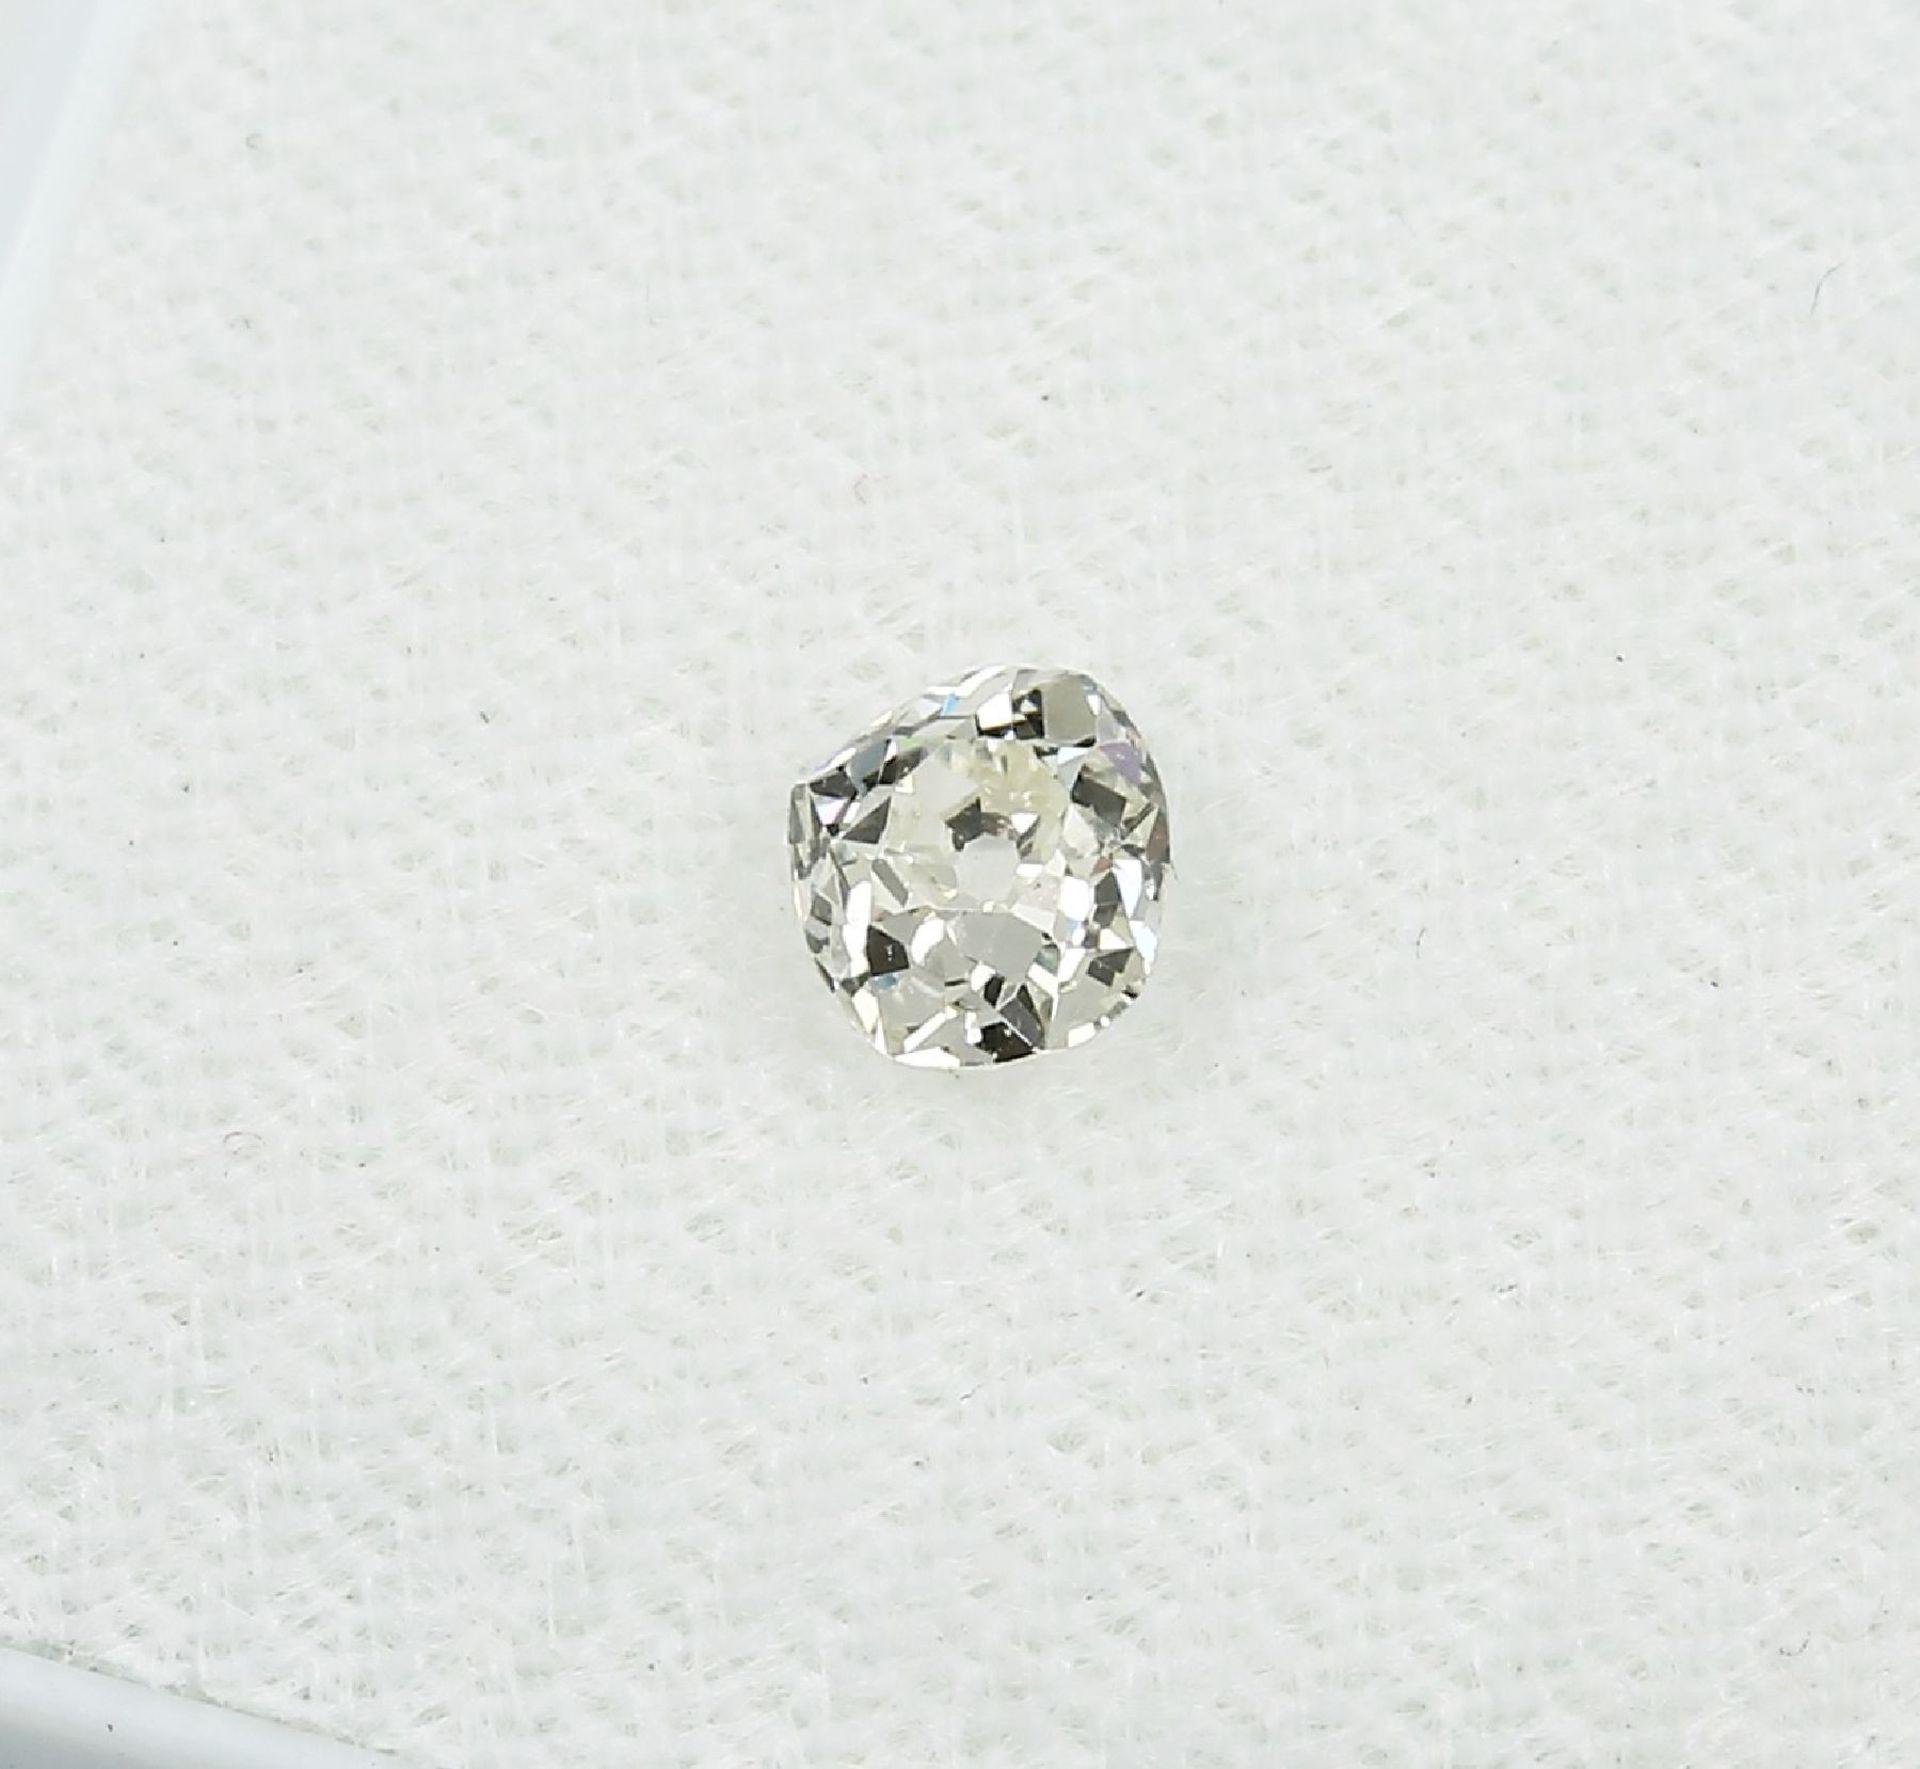 Loser Altschliffdiamant 0.45 ct get.Weiß/si Schätzpreis: 750, - EUR - Bild 3 aus 3